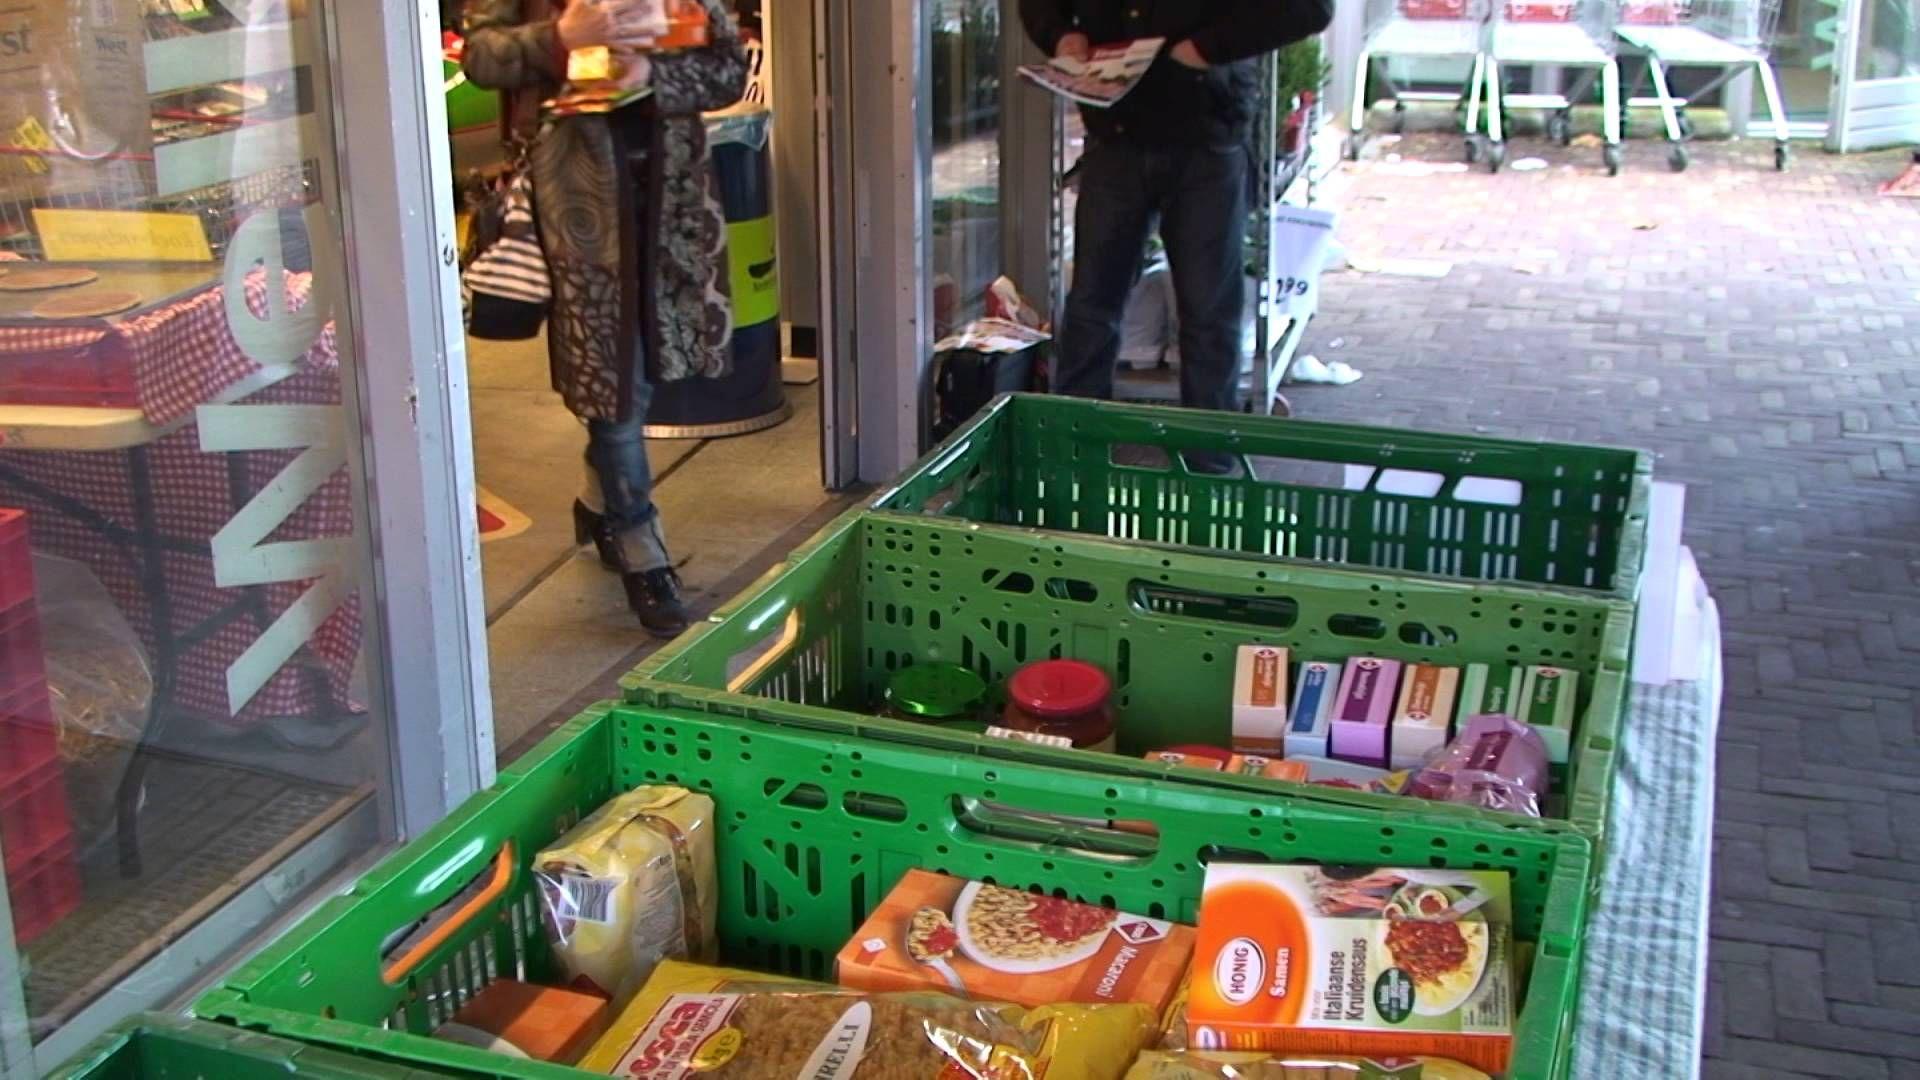 Kerst inzameling voedselbank rijnstreek in bodegraven 2013. Bedankt C1000 Langerak te Bodegraven en ook dank aan alle warme en lieve mensen die ons hebben geholpen met hun donaties.